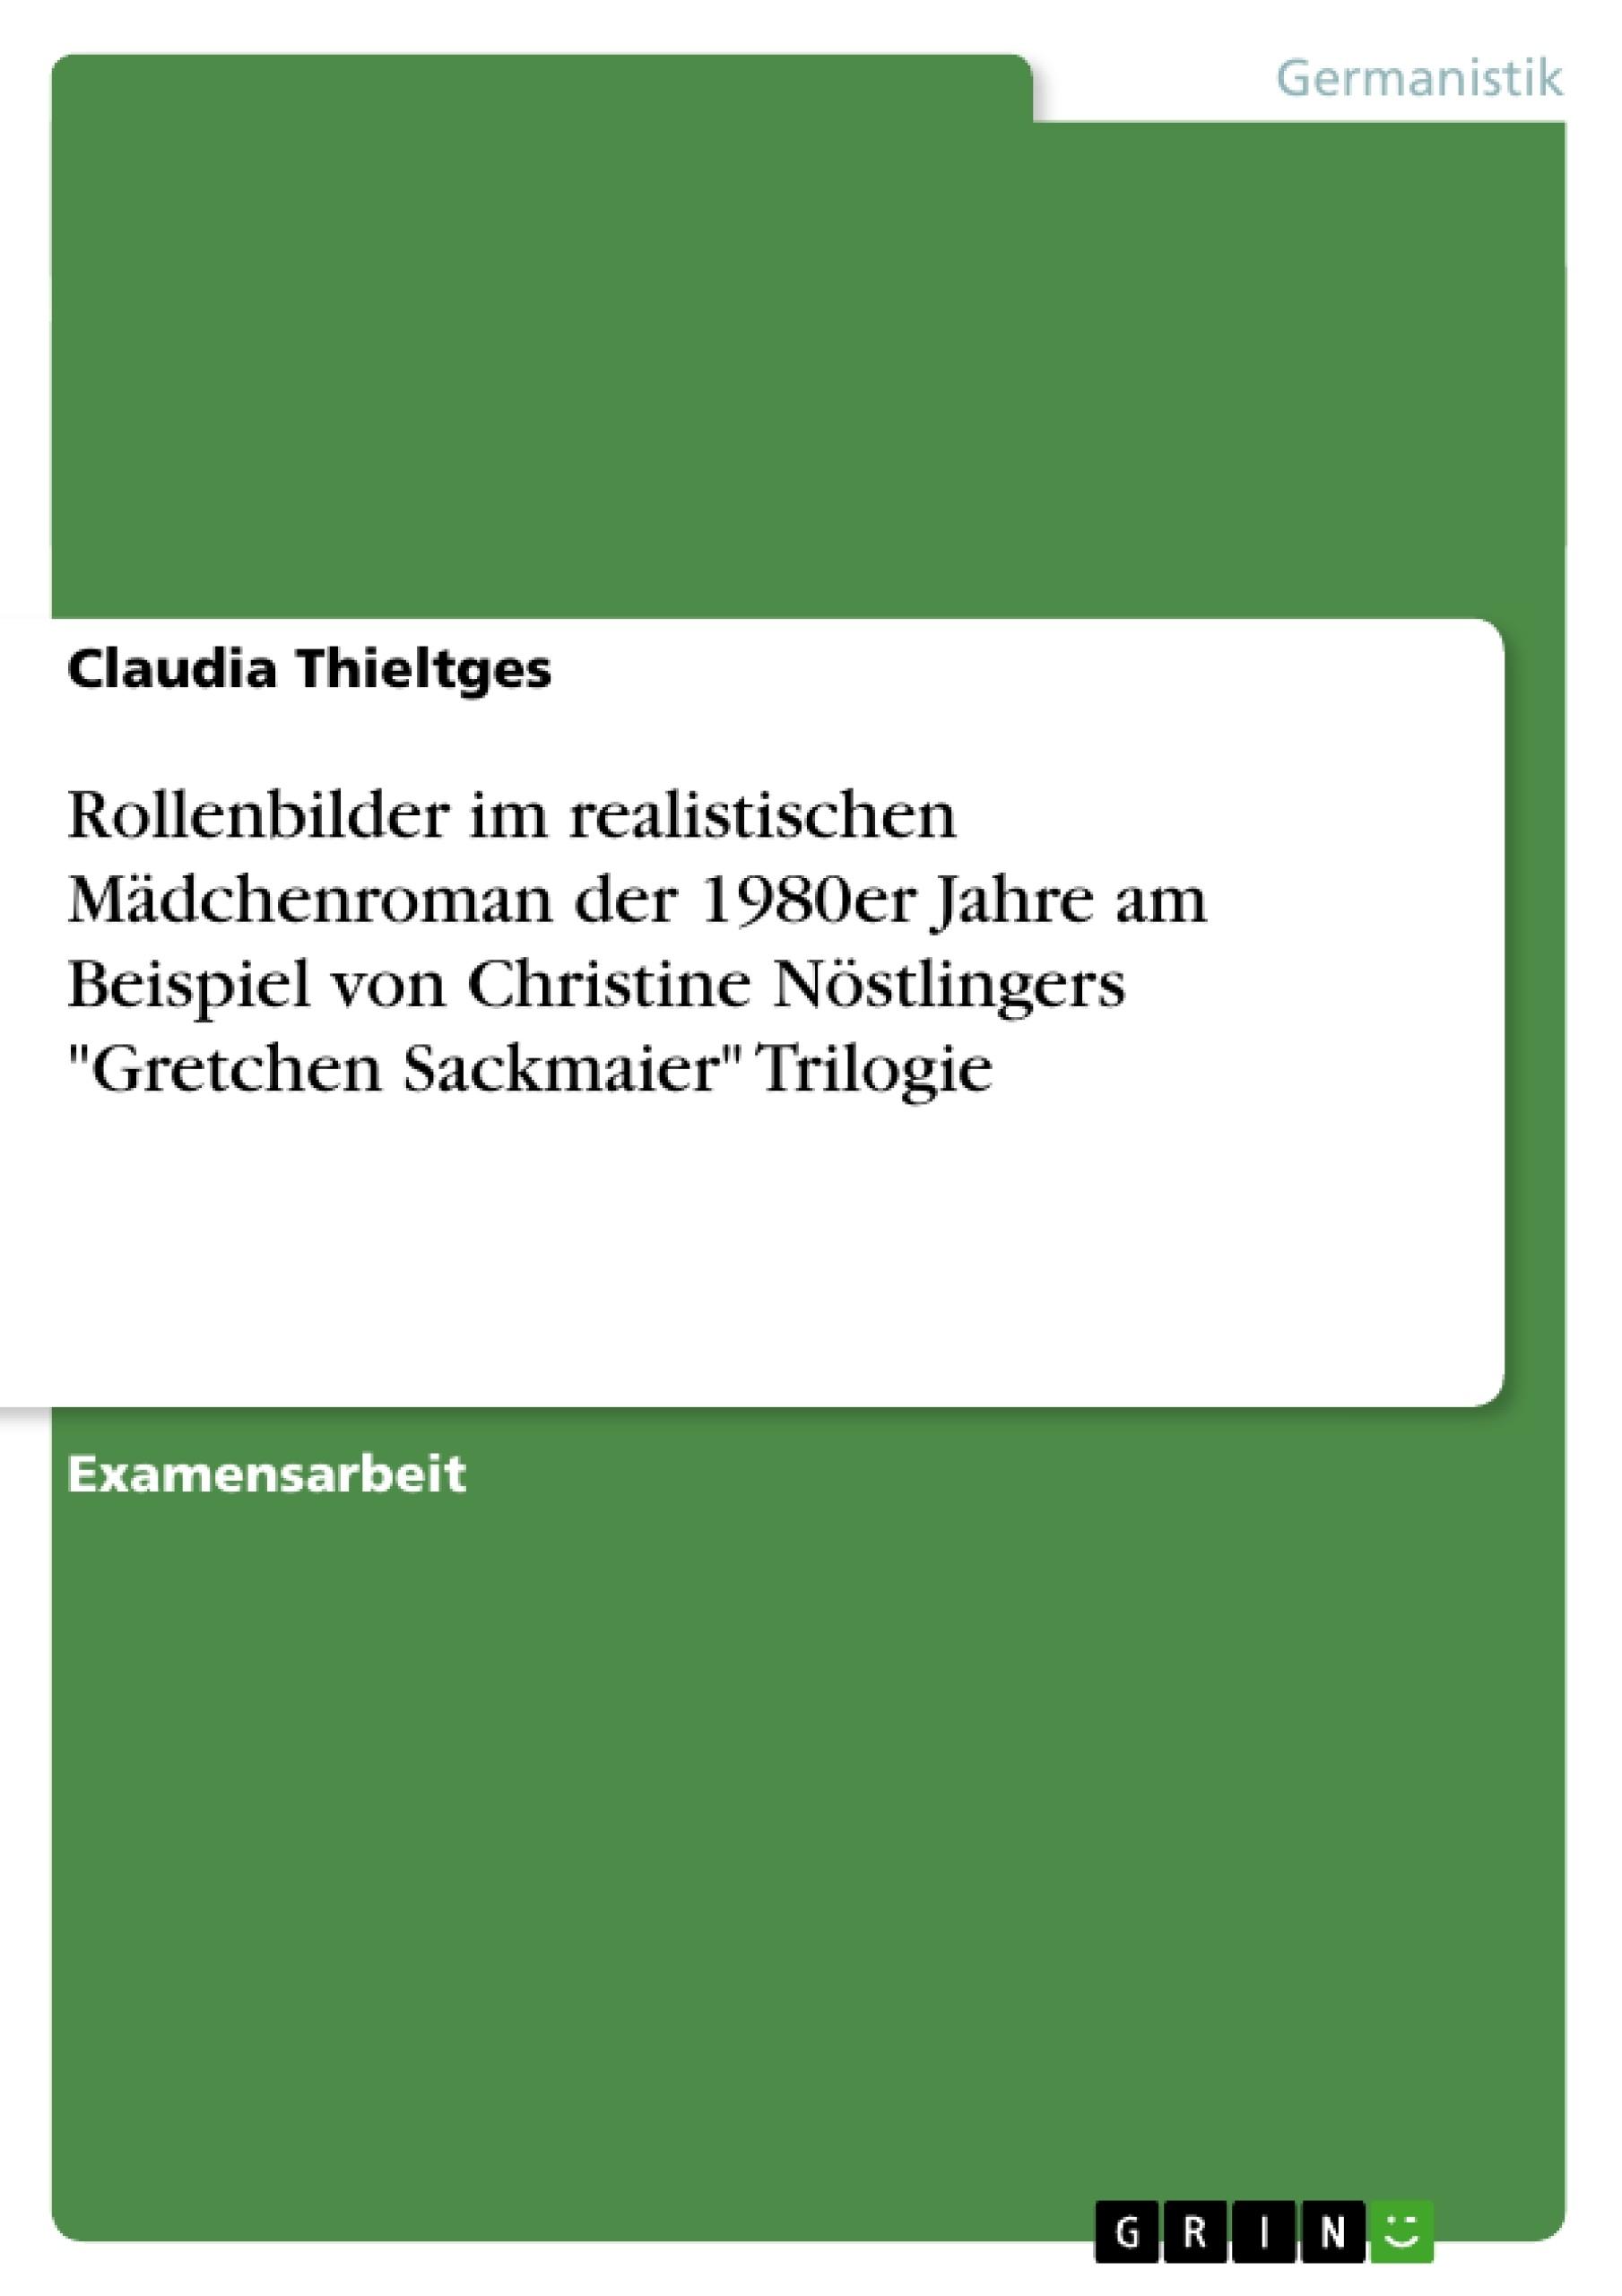 """Titel: Rollenbilder im realistischen Mädchenroman der 1980er Jahre am Beispiel von Christine Nöstlingers """"Gretchen Sackmaier"""" Trilogie"""